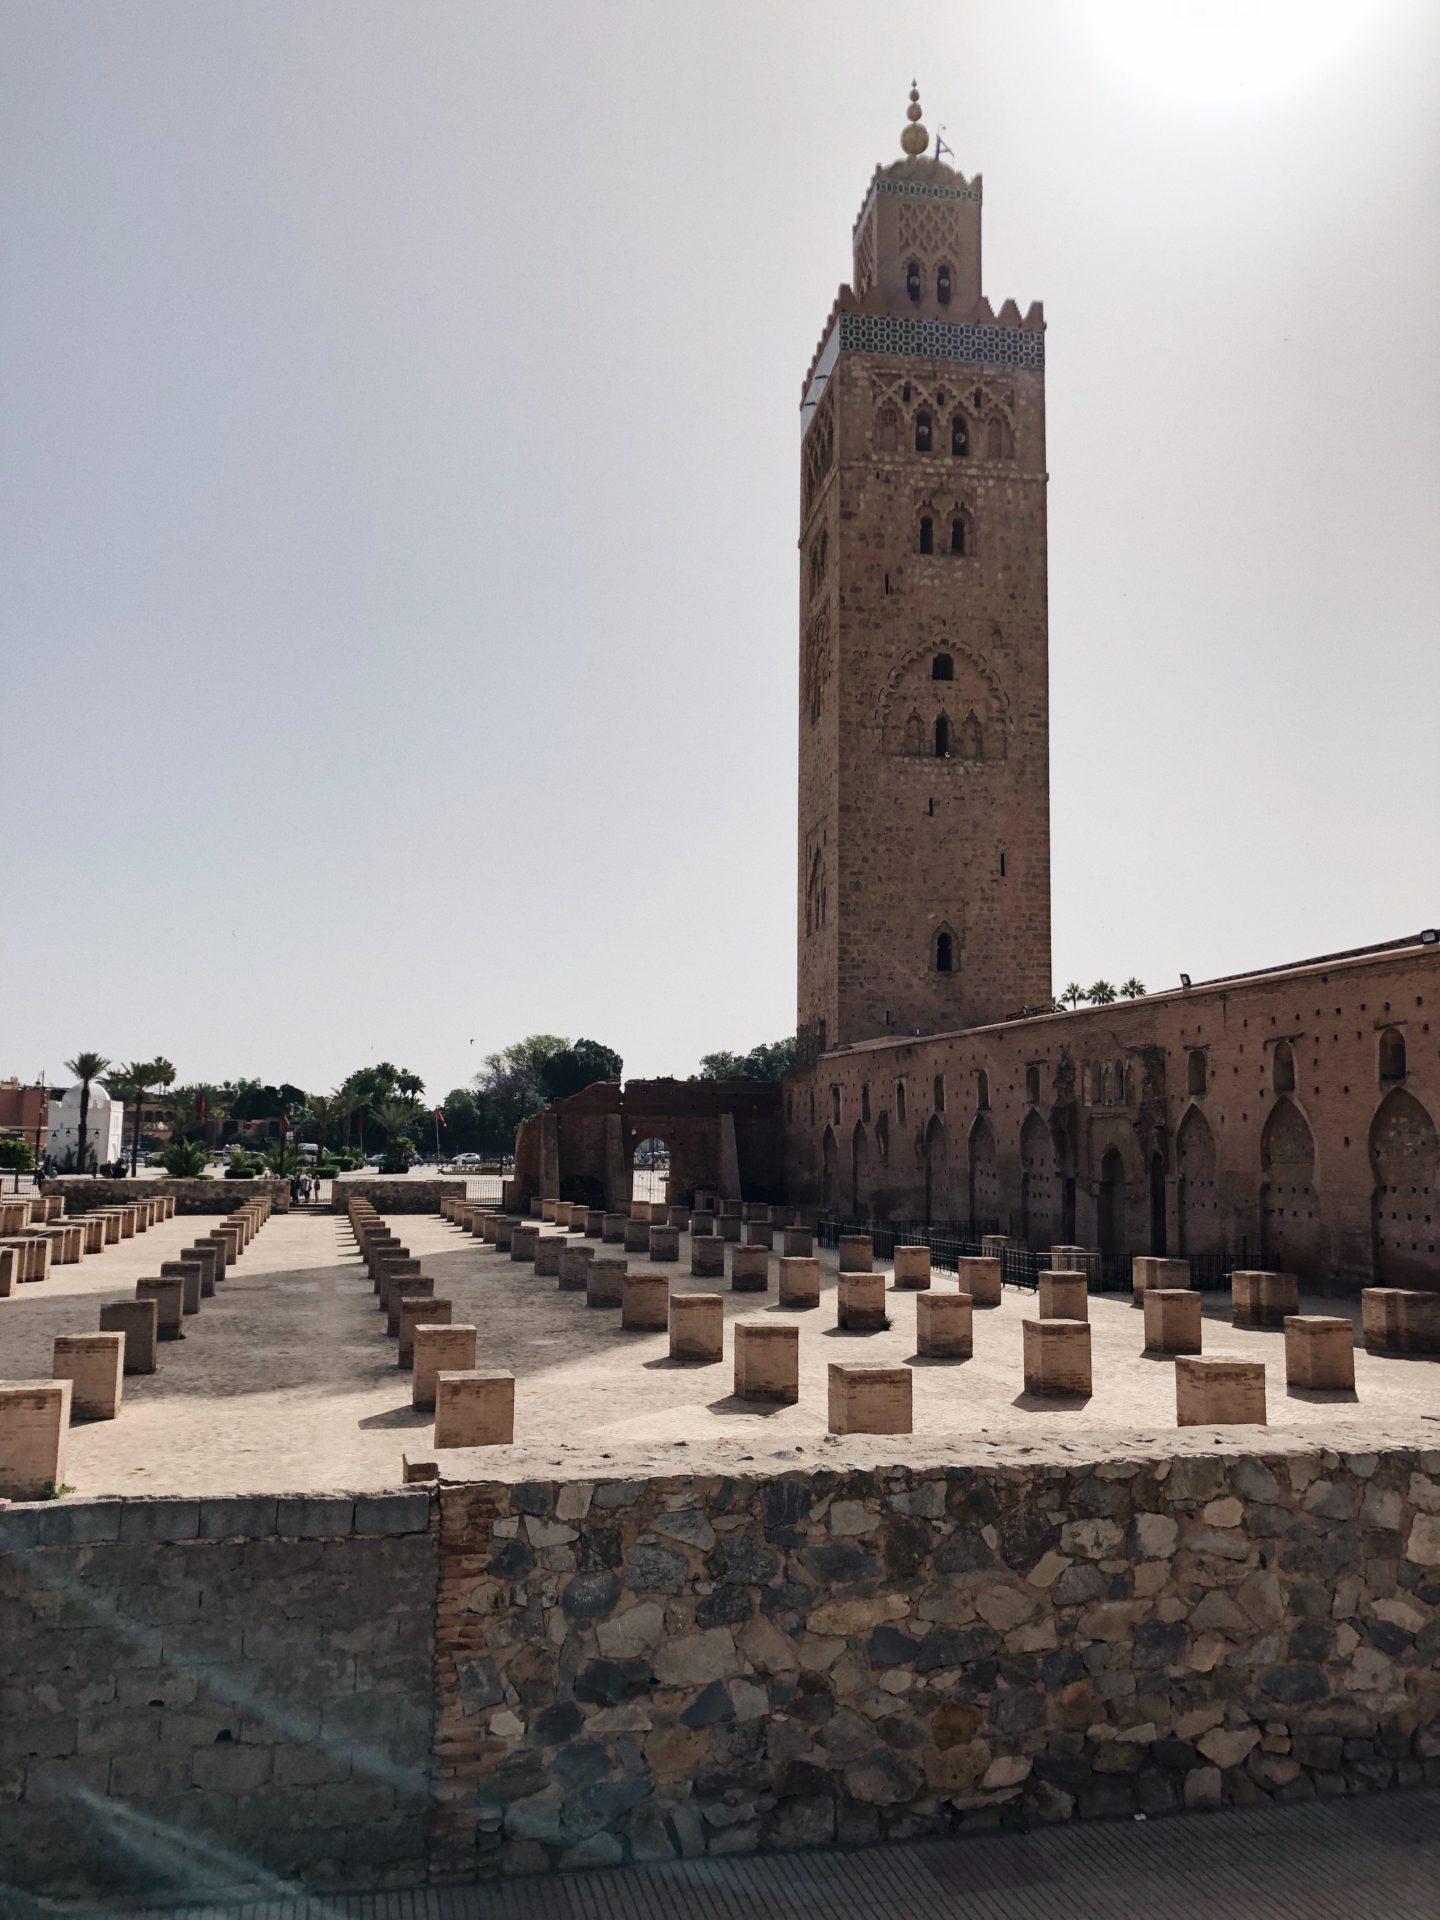 The beautiful Koutoubia in Marrakech